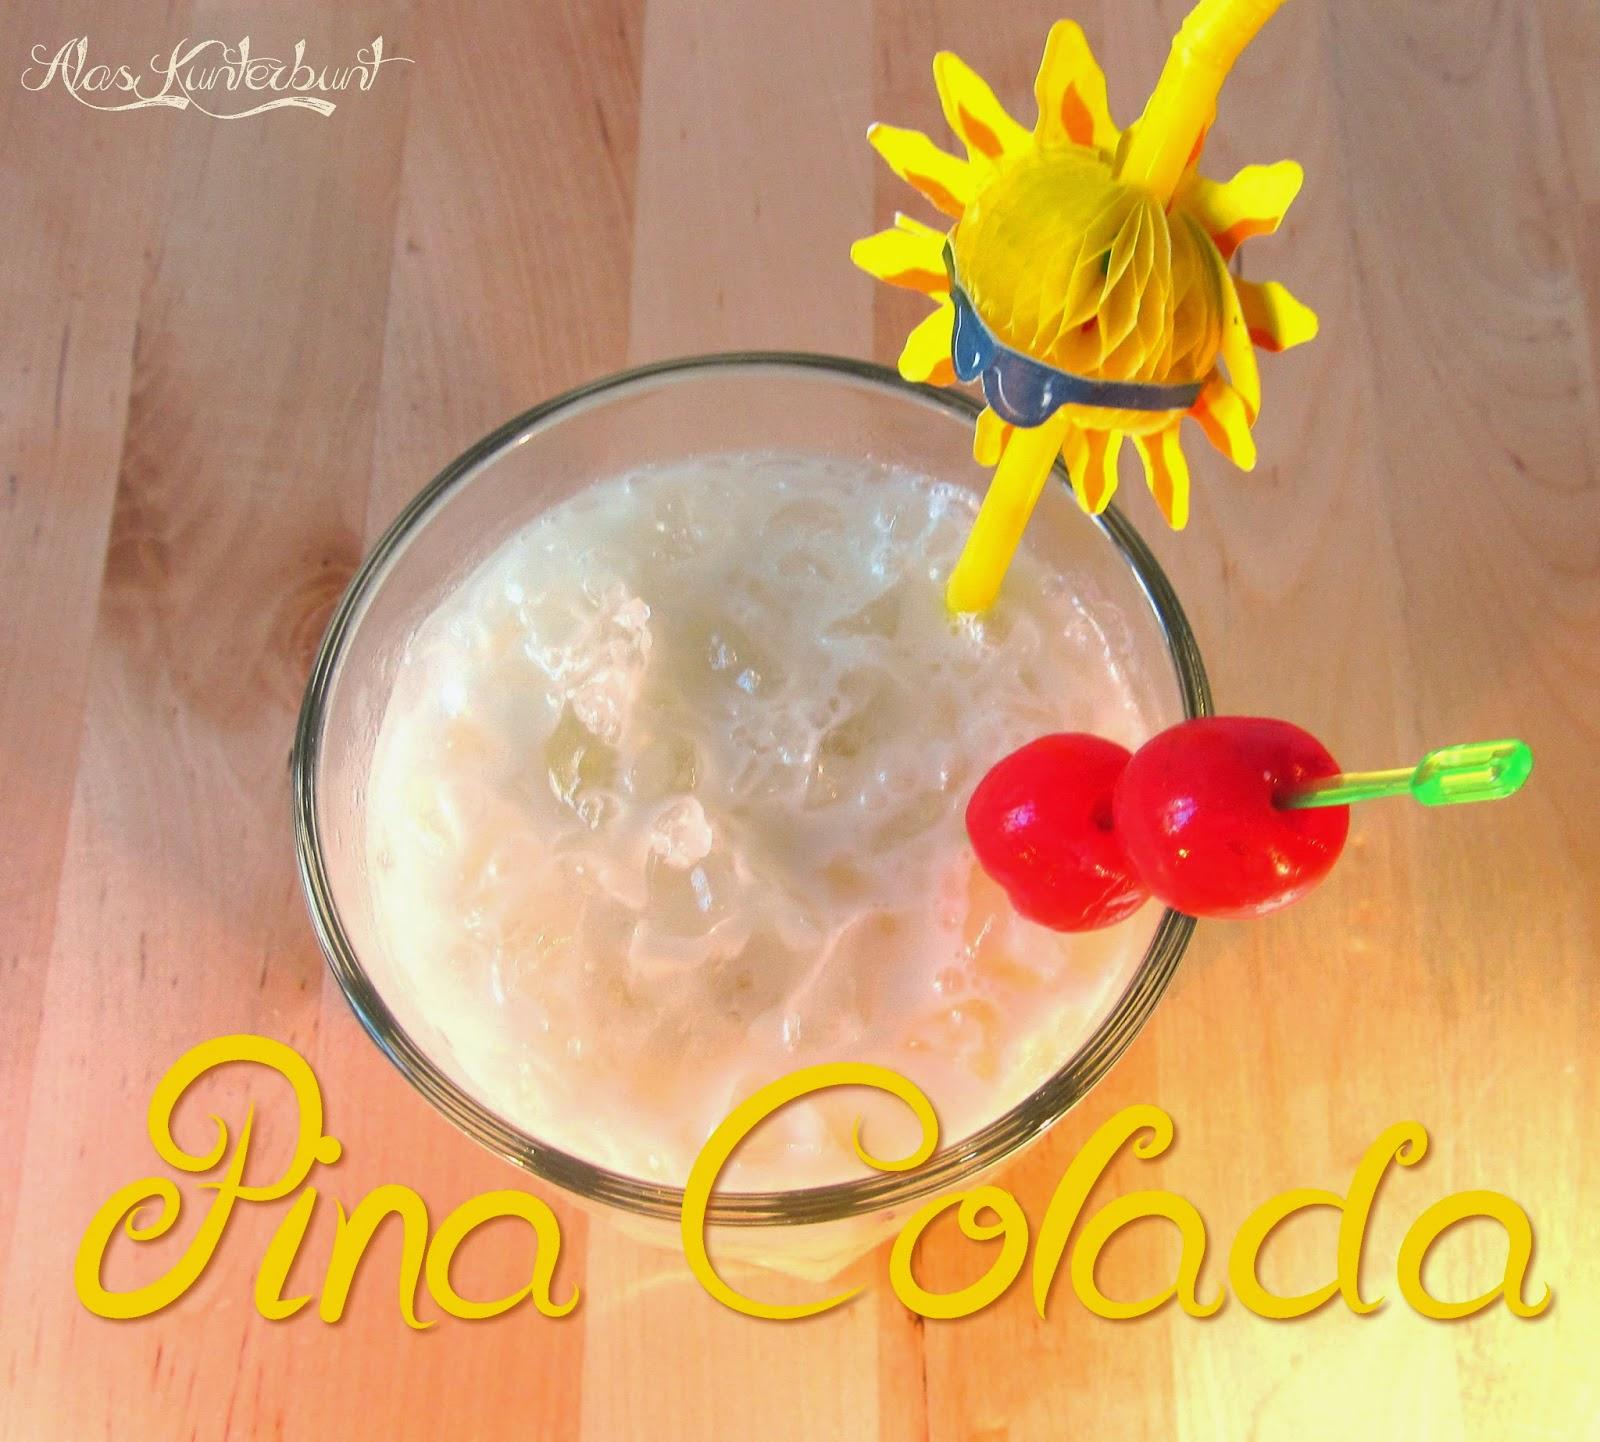 Erfrischende Pina Colada für das Urlaubsfeeling | Ala's Kunterbunt